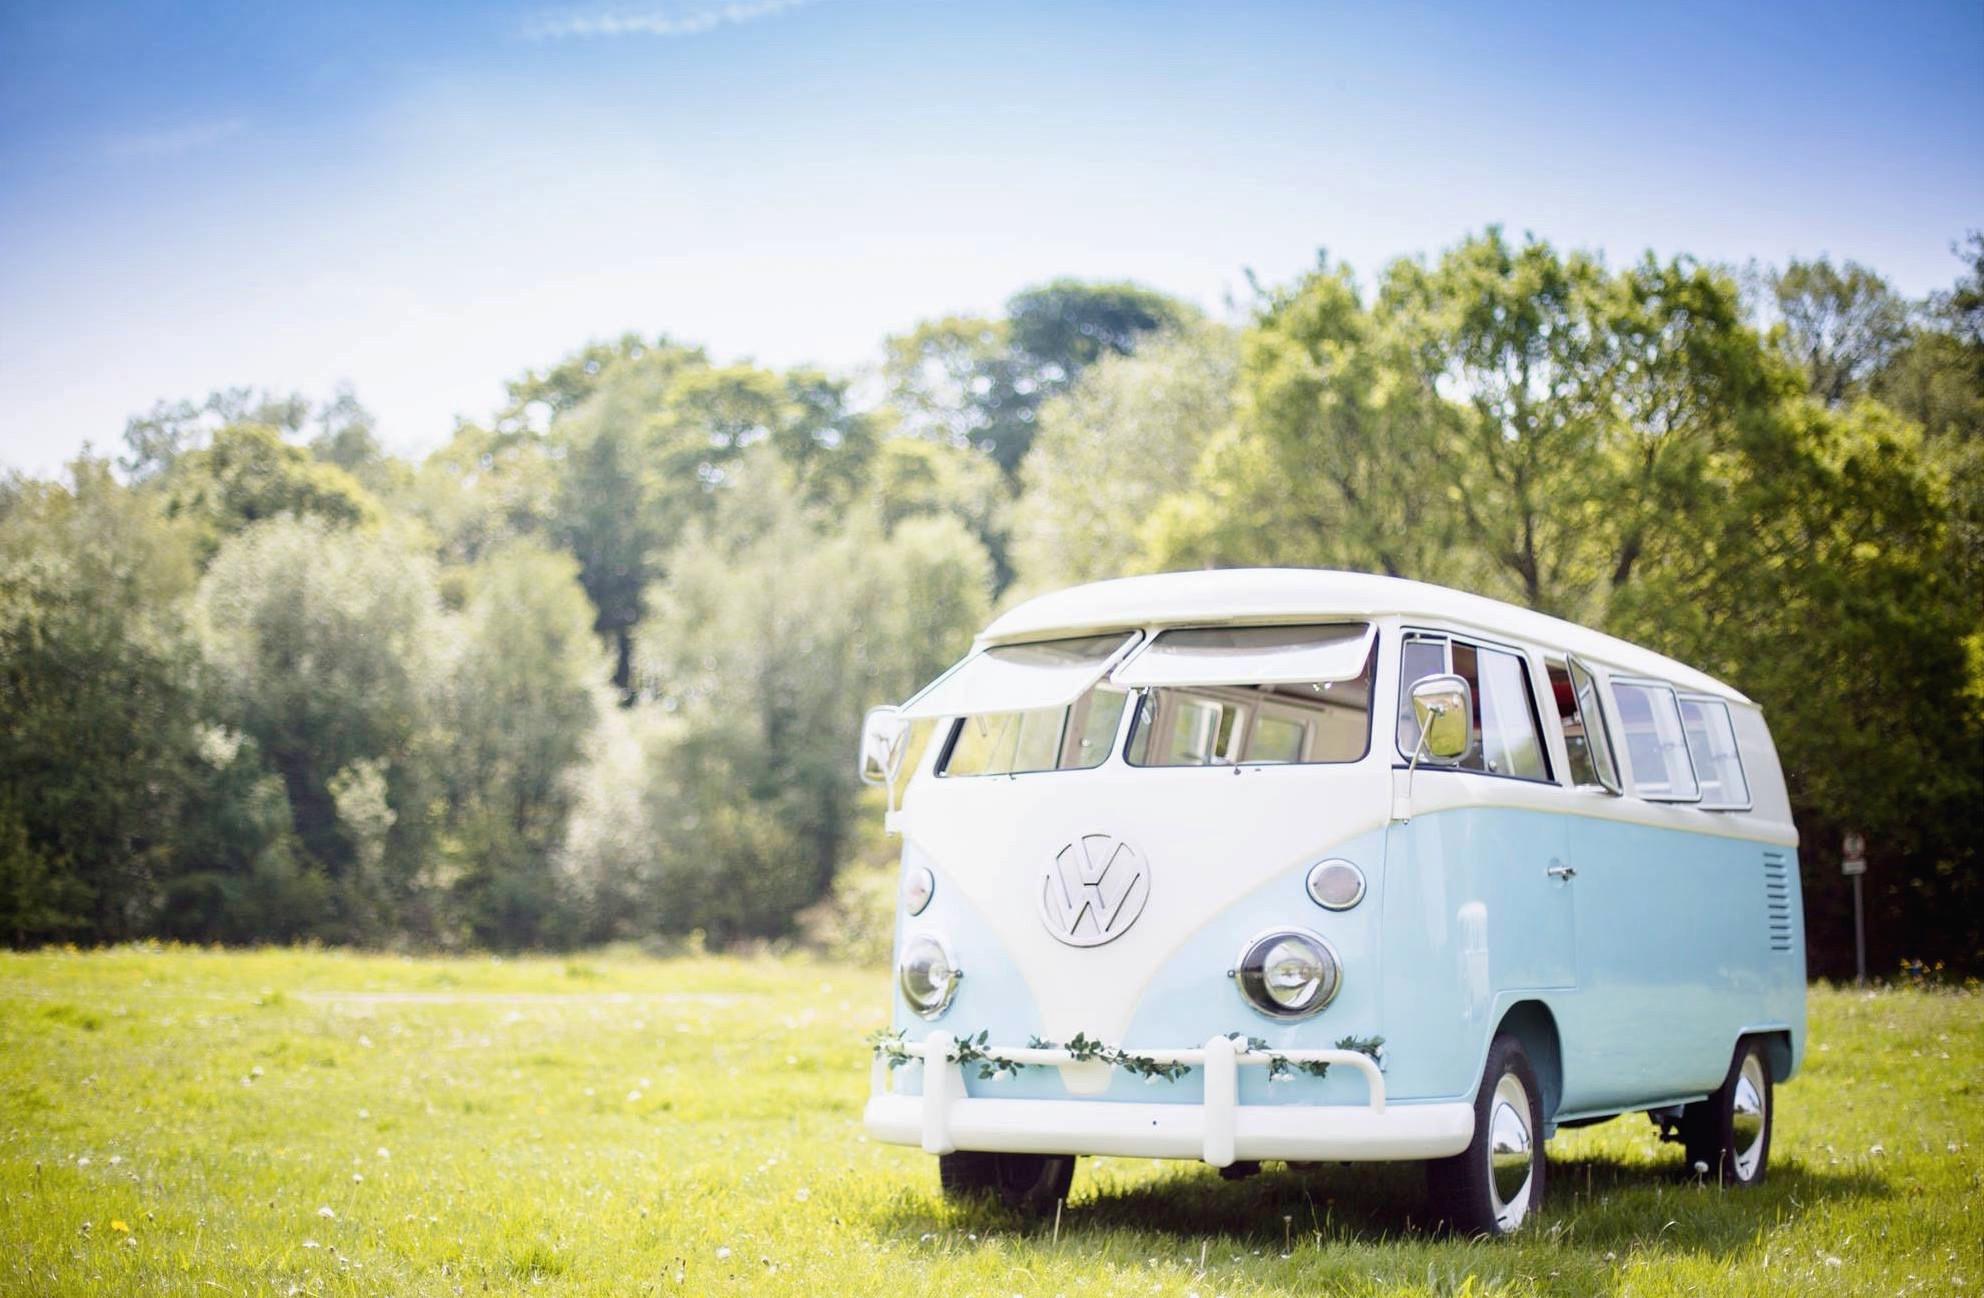 vw-camper-van-wedding-car-hire-blue.jpg